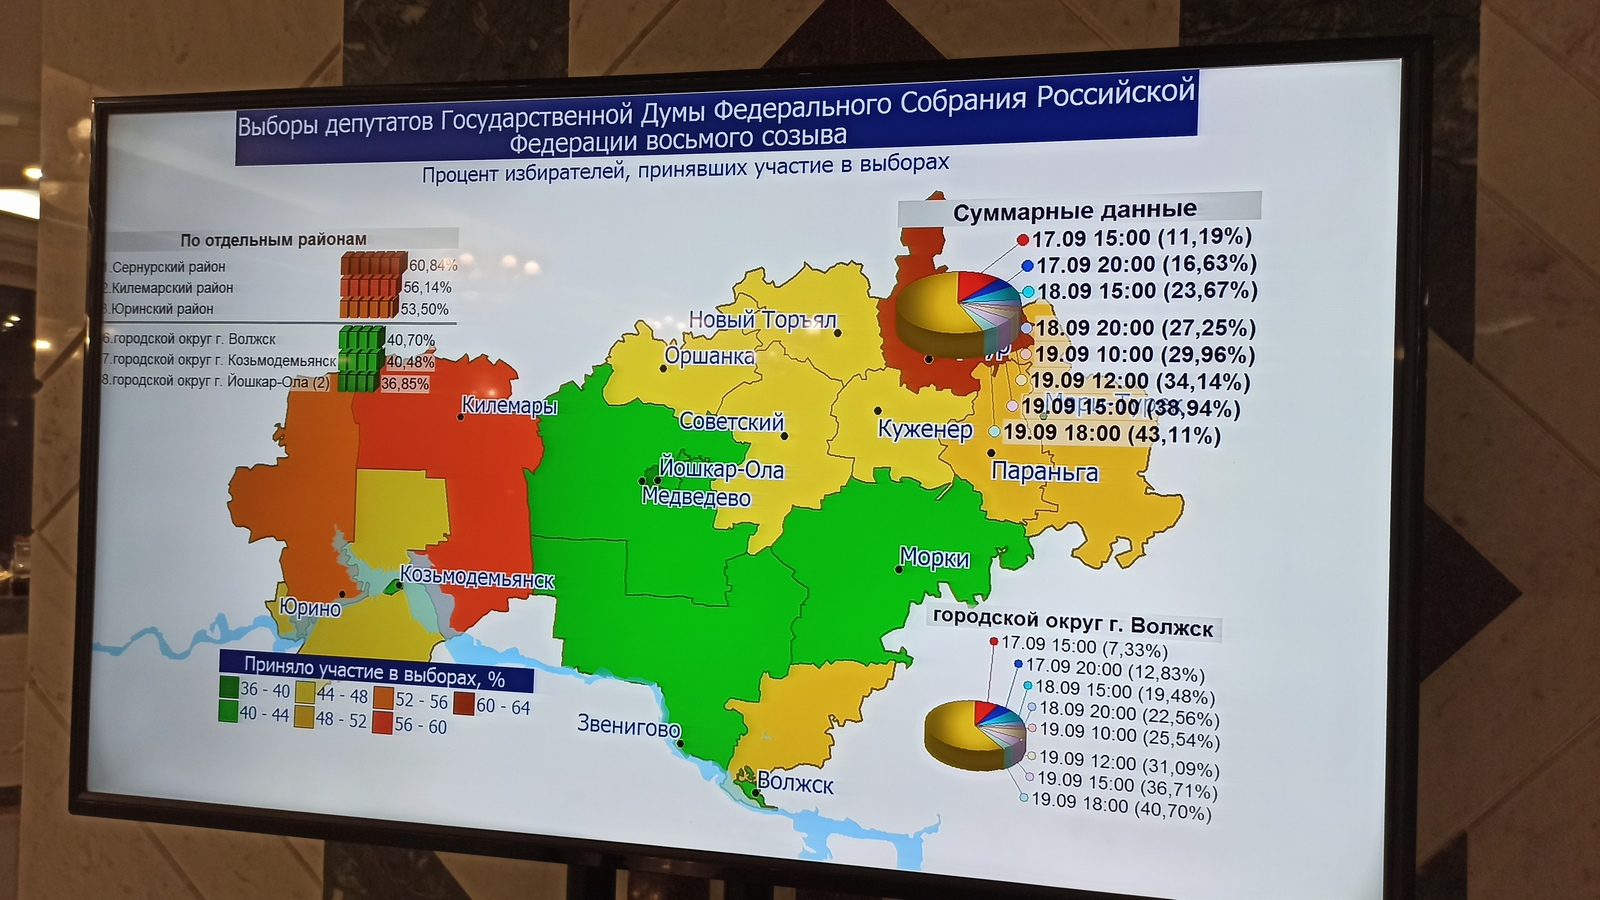 Явка на выборах в Марий Эл на 18:00 воскресенья составила 43,11%